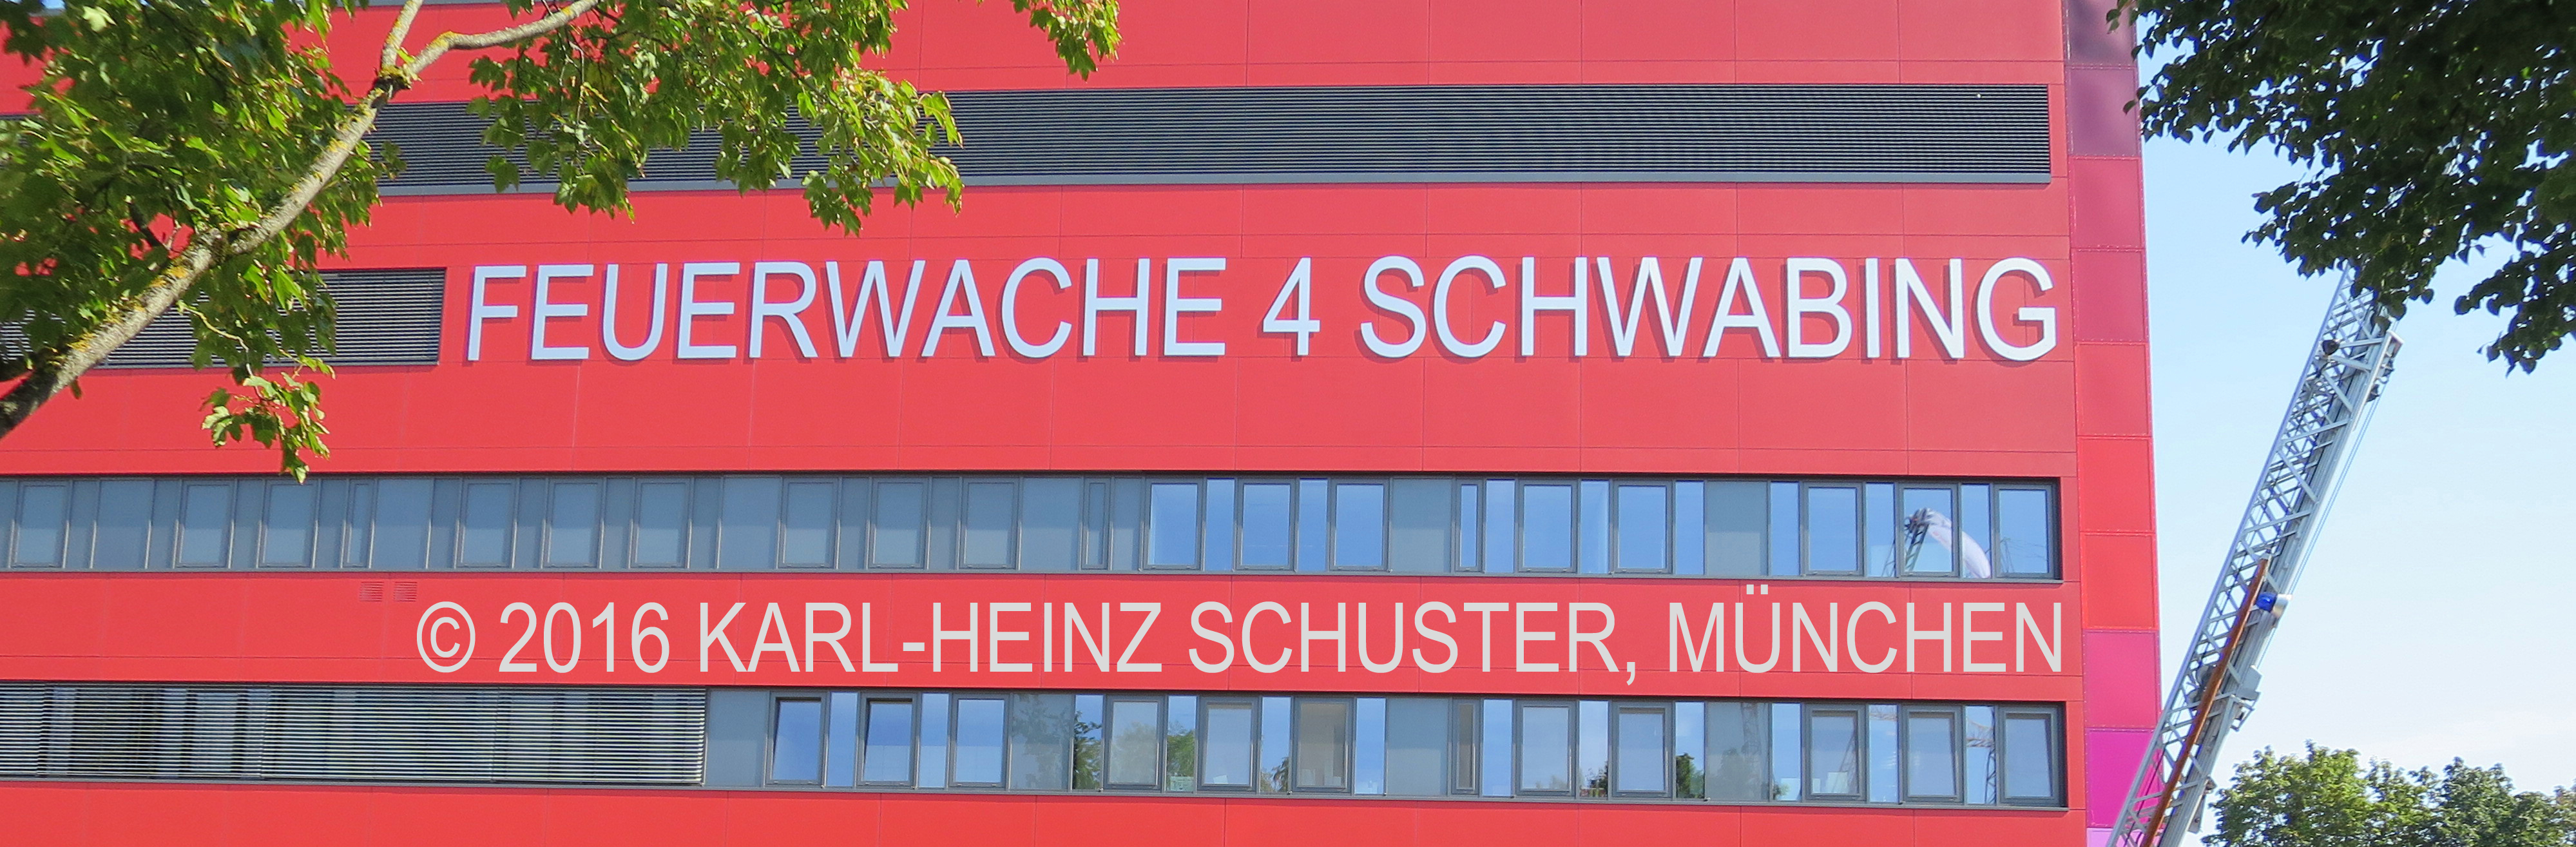 firetage-schwabing-29-kopie